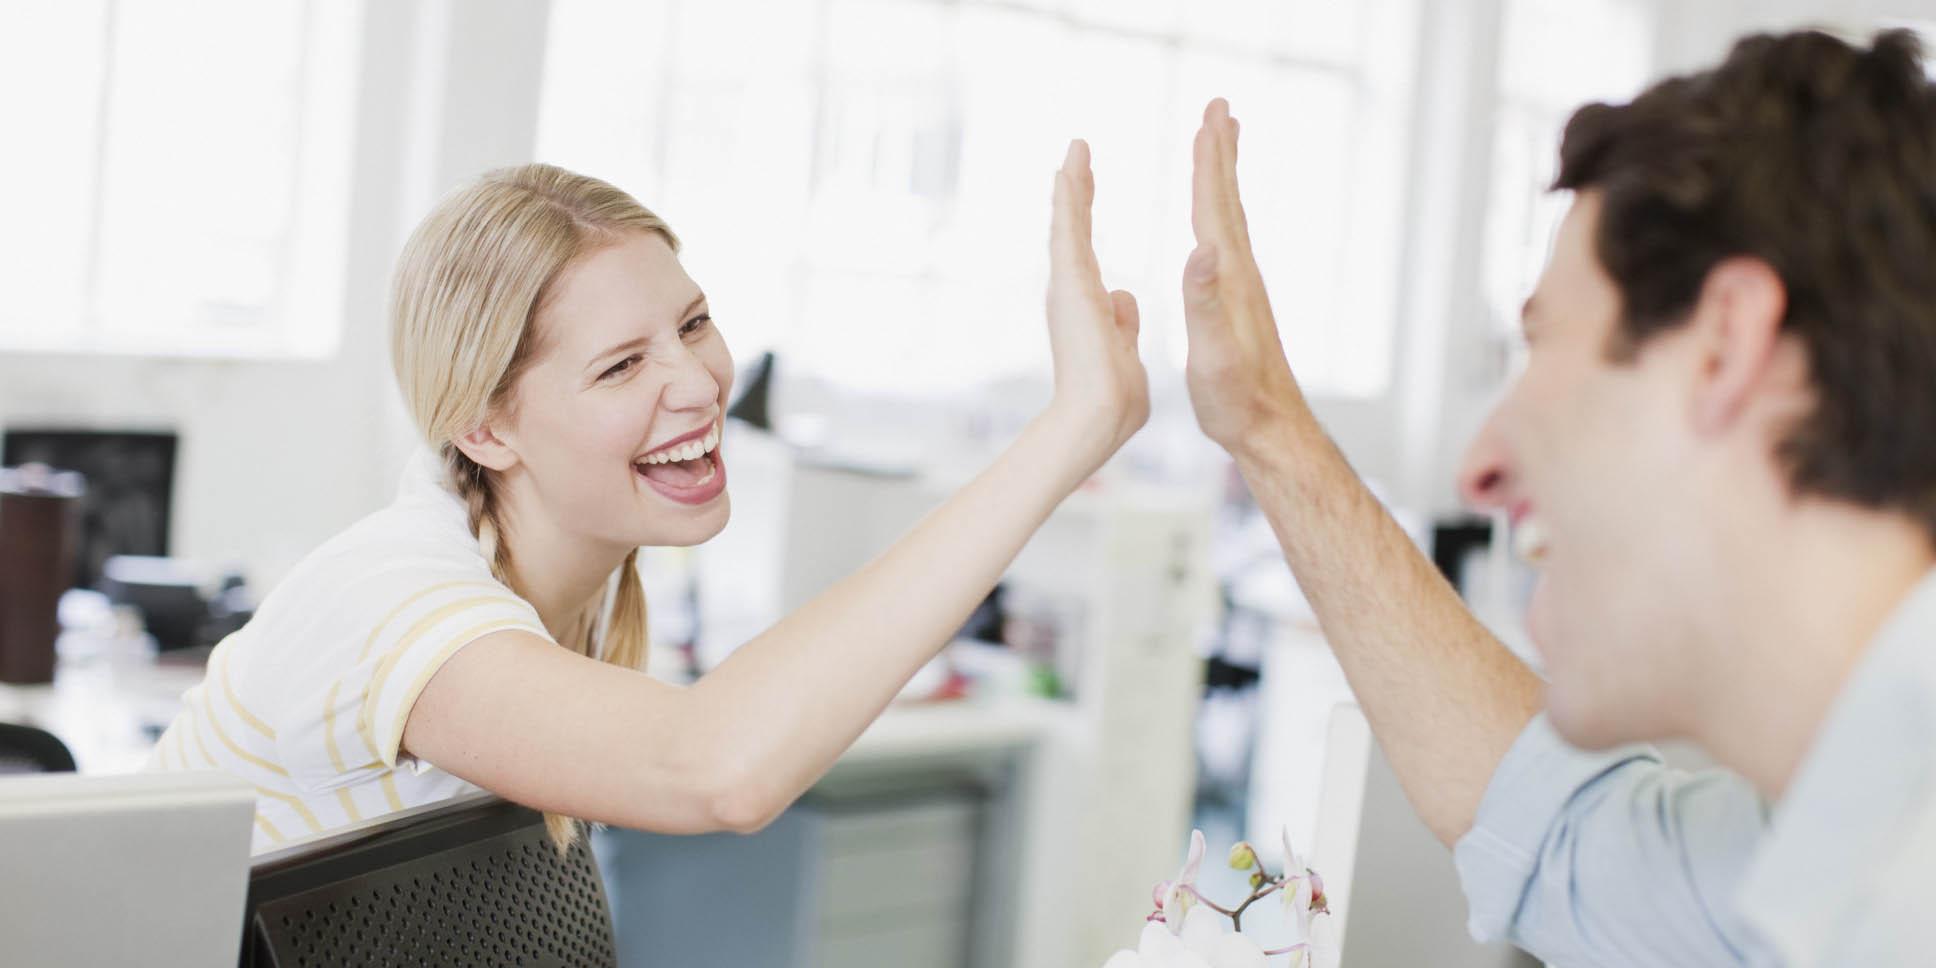 برای شاد کردن همکارانتان تلاش کنید